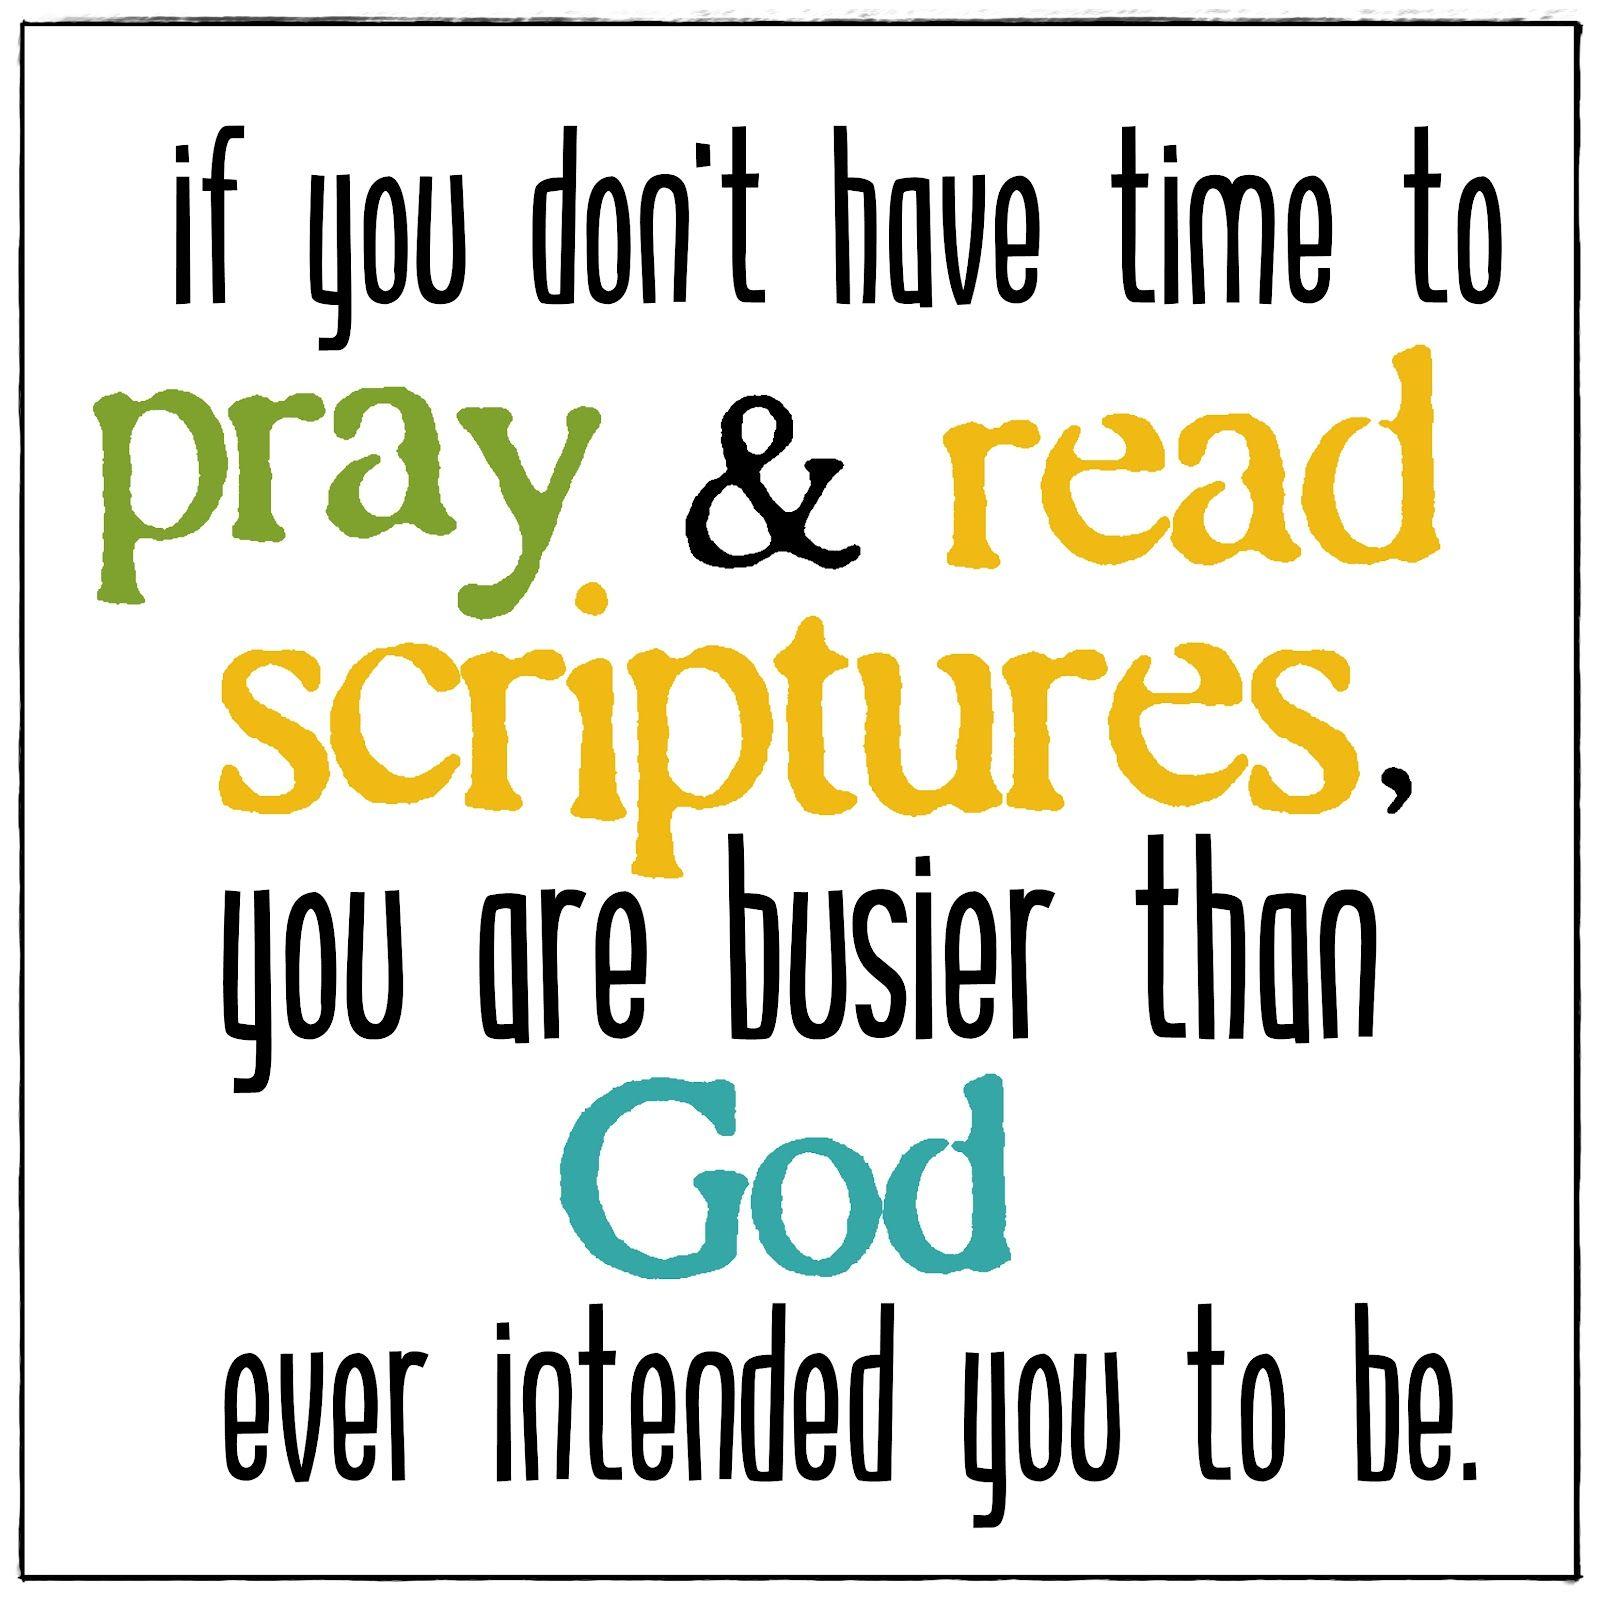 good reminder!